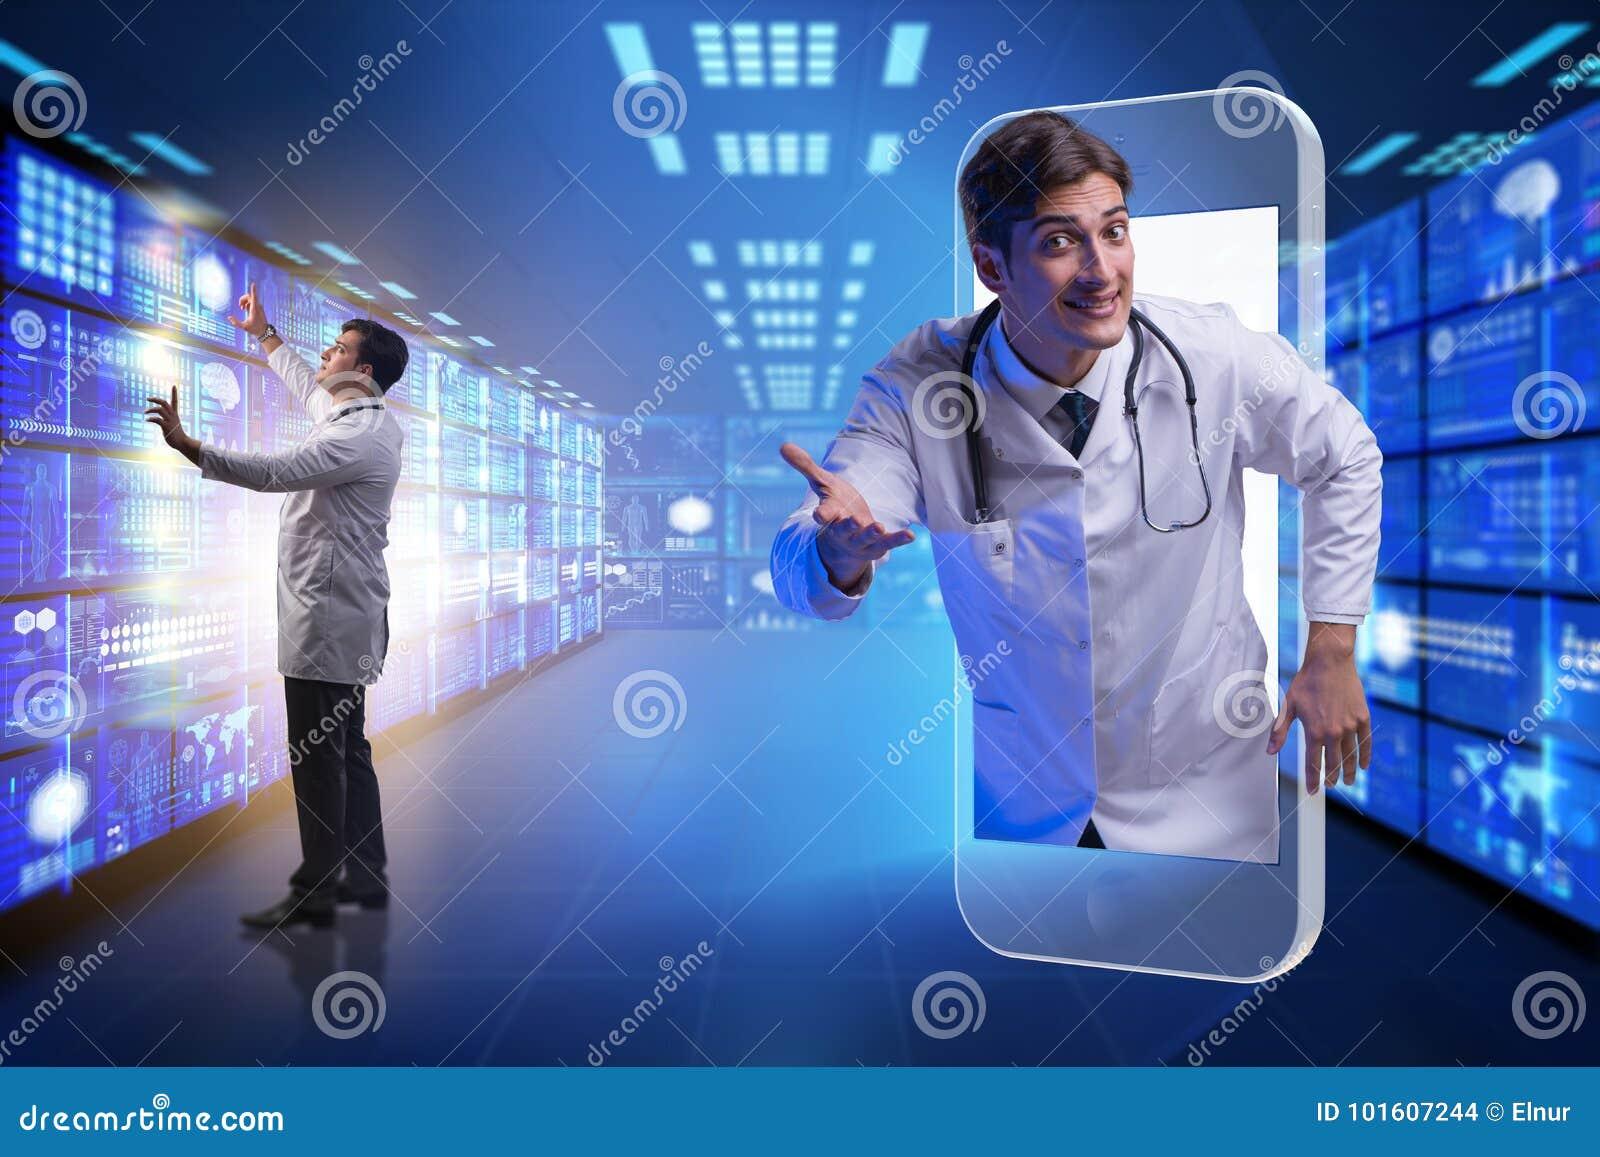 Telemedicinebegreppet med doktorn och smartphonen